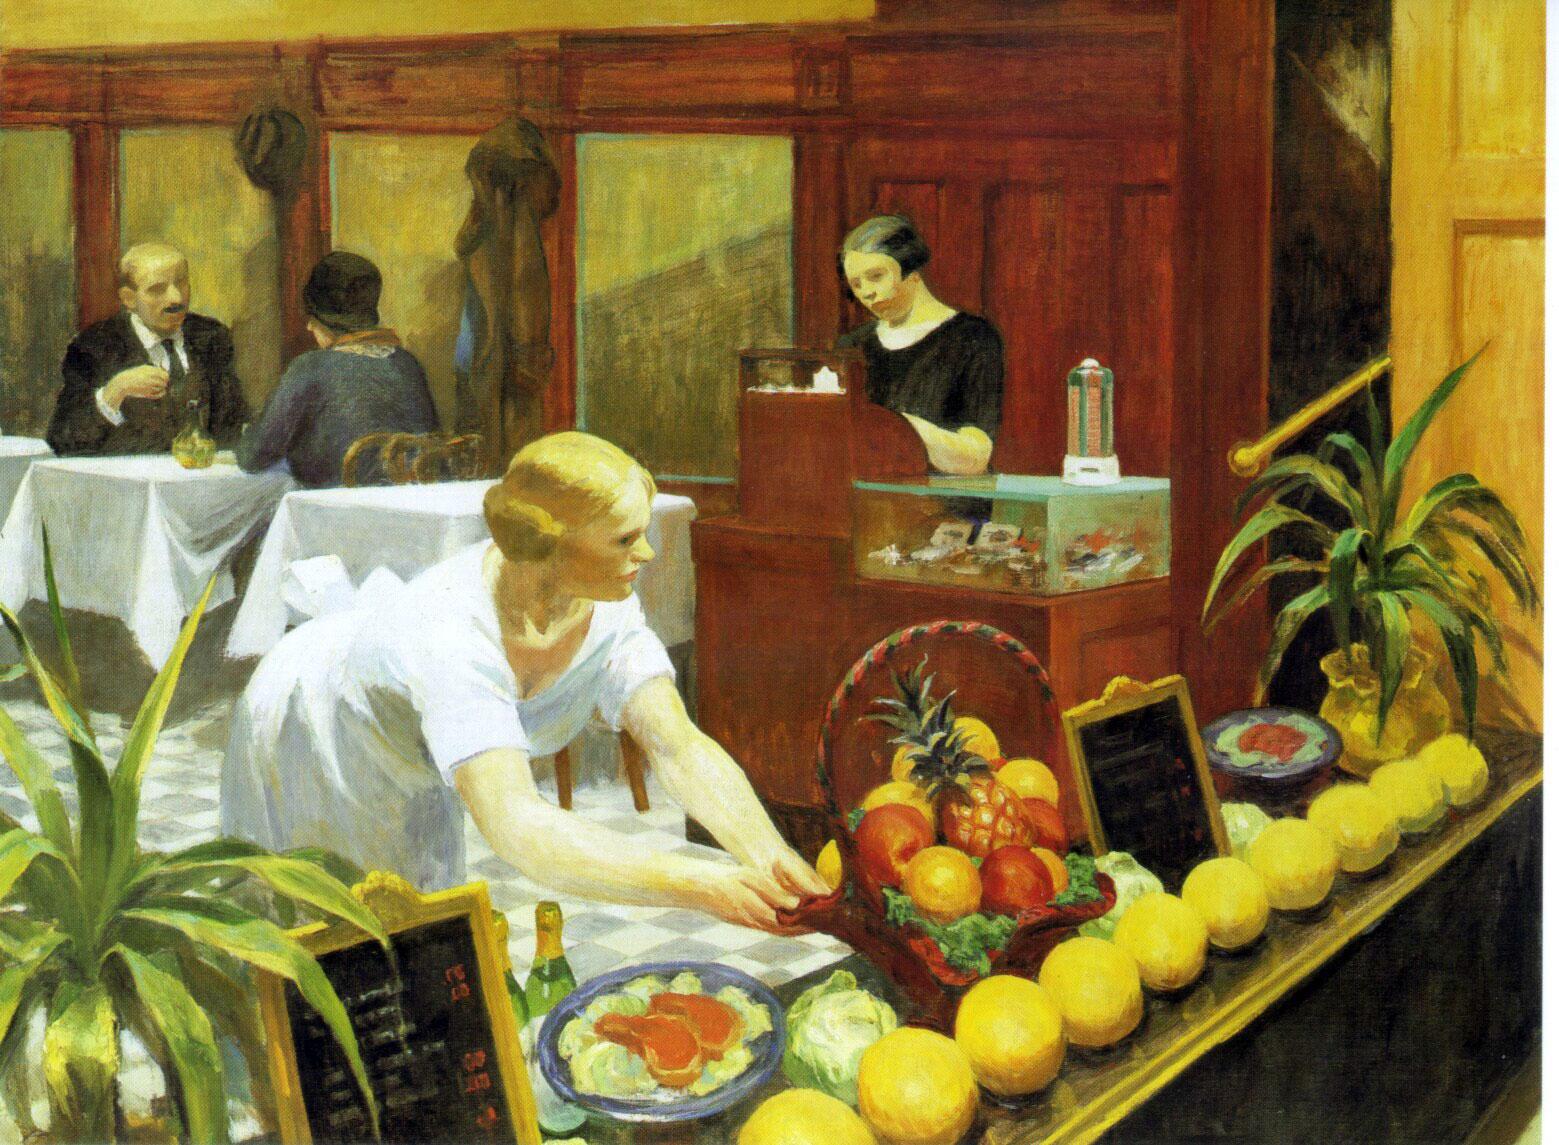 Exposition Edward Hopper Paris Grand Palais  Atlantikoa chambre dhtes au Pays Basque